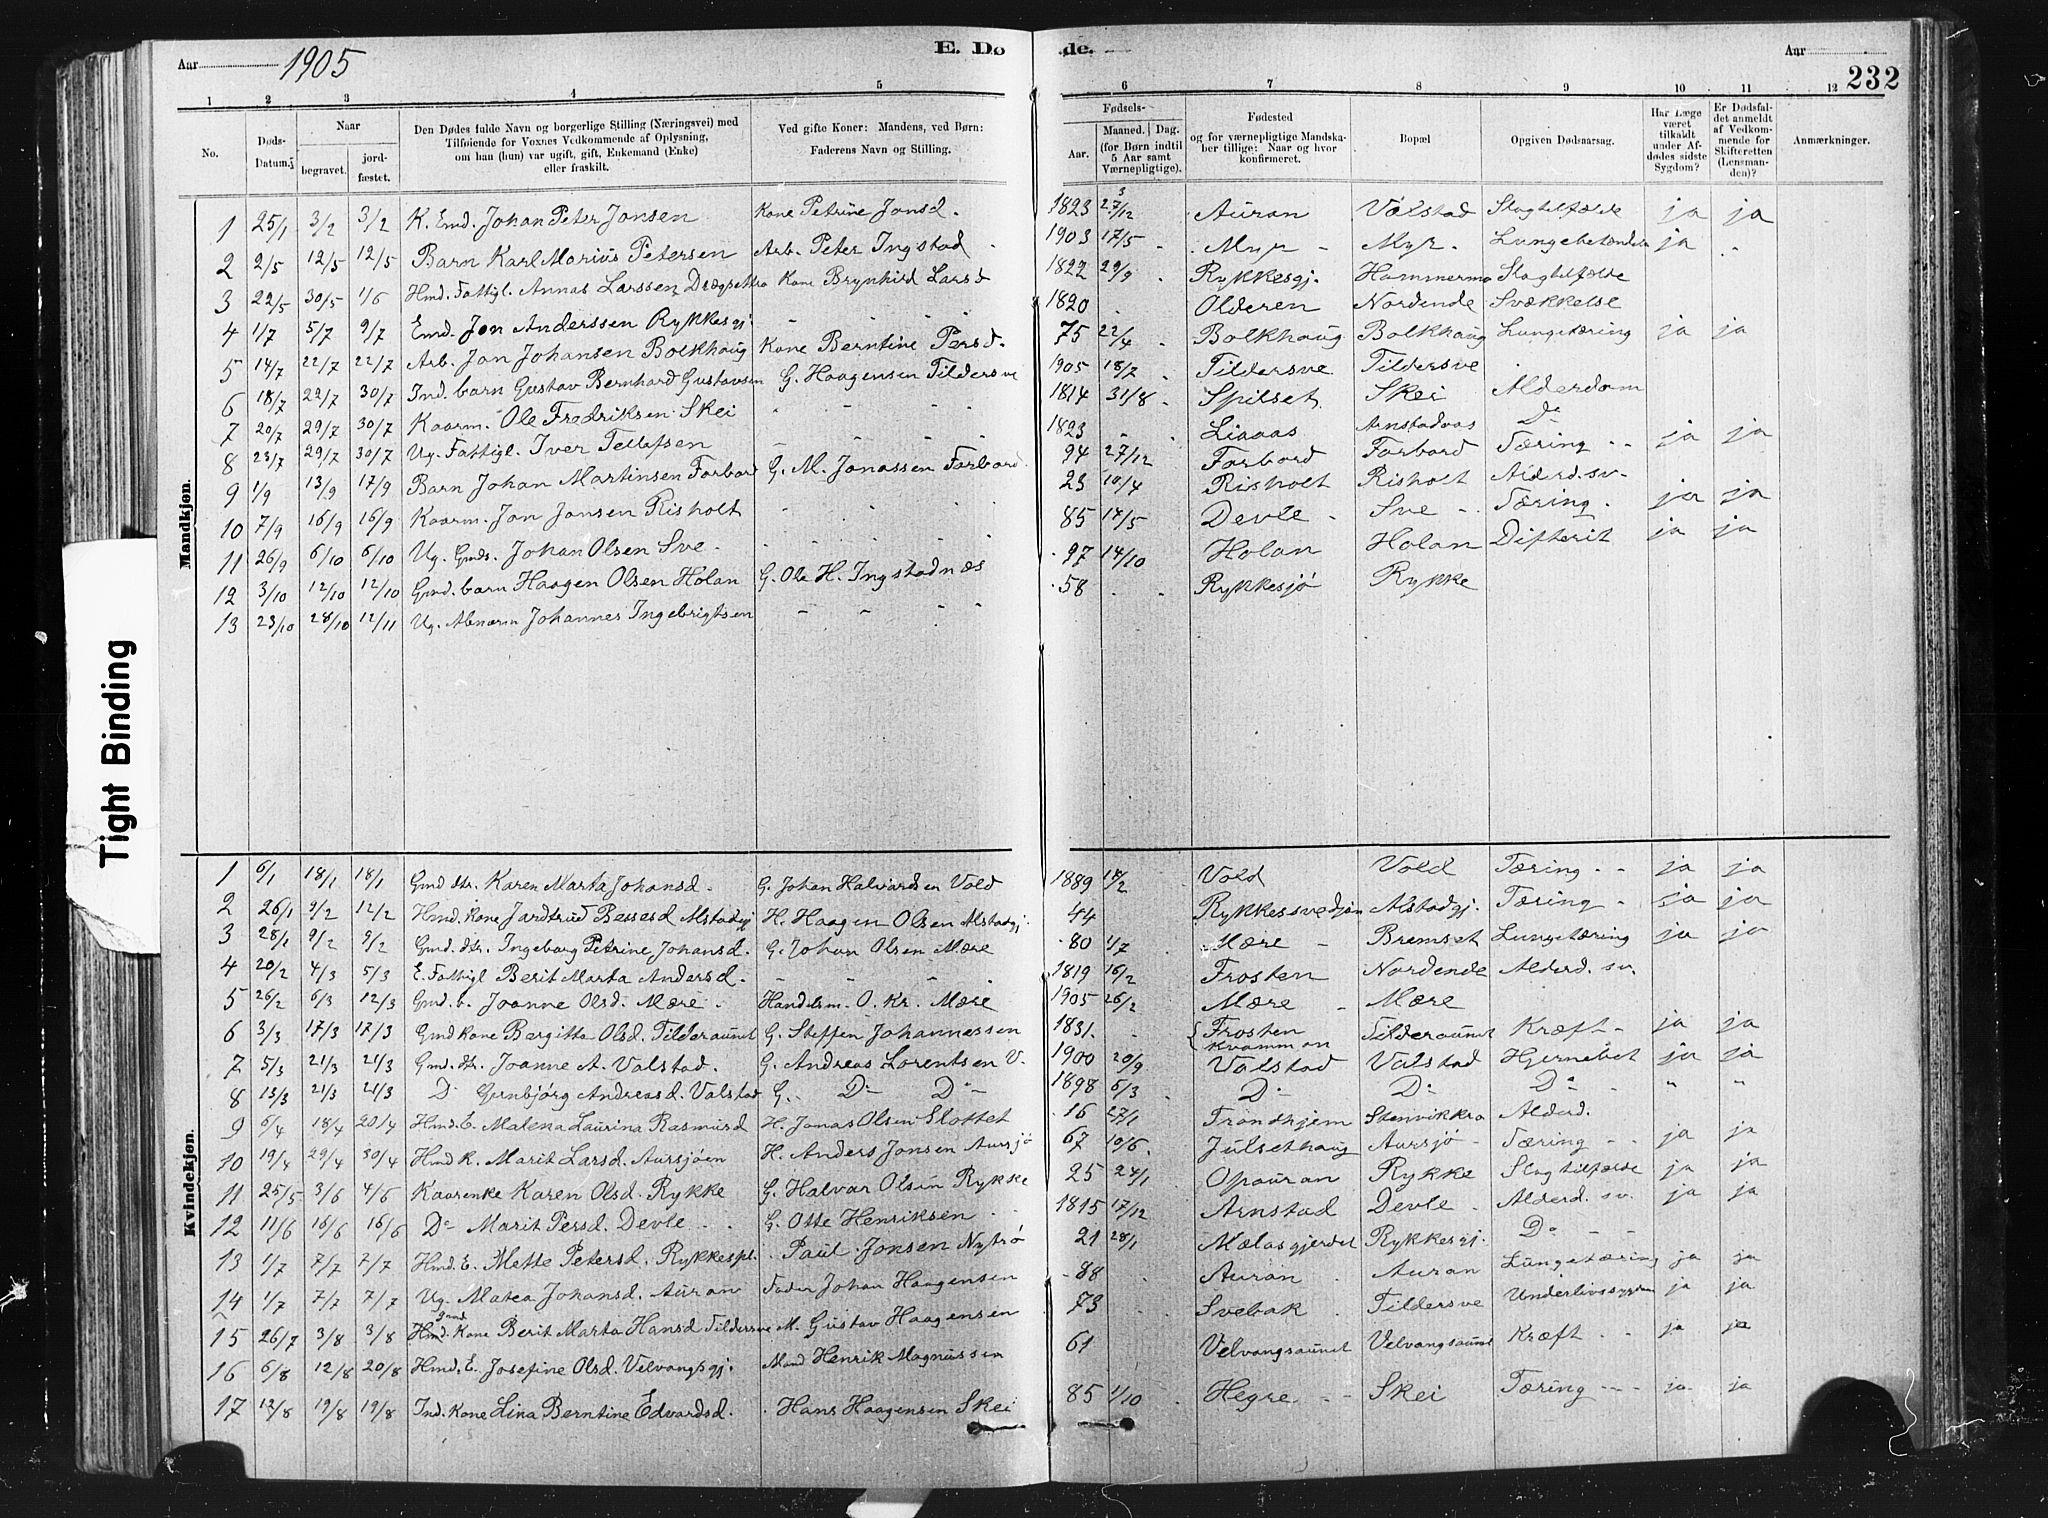 SAT, Ministerialprotokoller, klokkerbøker og fødselsregistre - Nord-Trøndelag, 712/L0103: Klokkerbok nr. 712C01, 1878-1917, s. 232